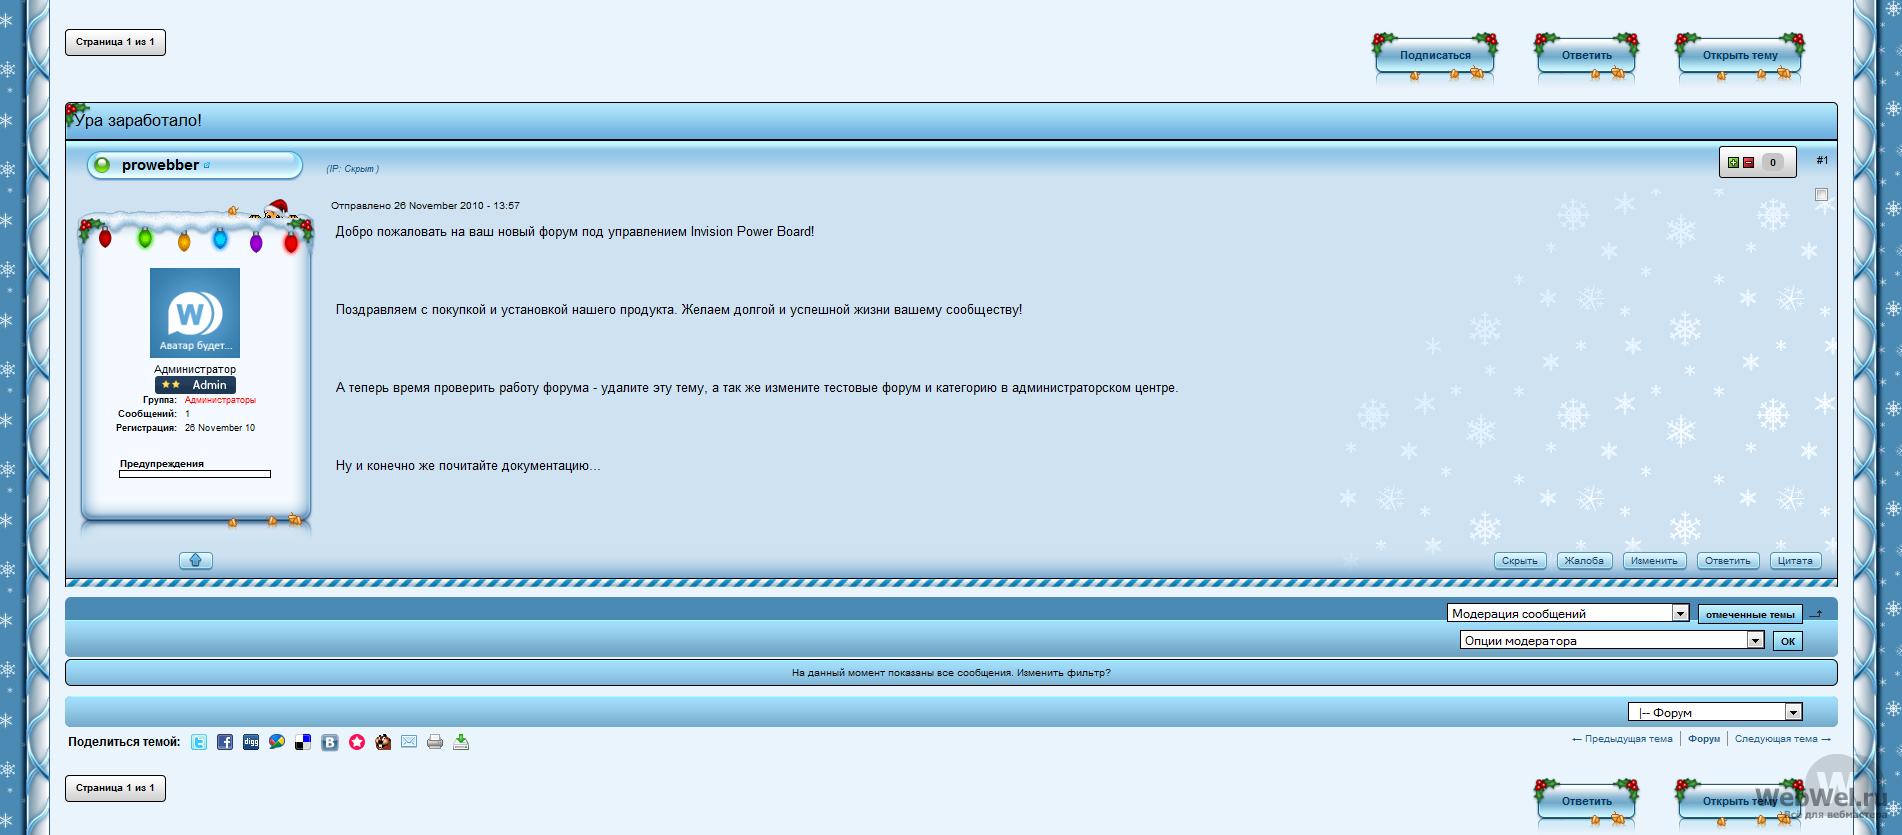 Скин White Christmas для IPB 3.1.3 (3.1.4) .